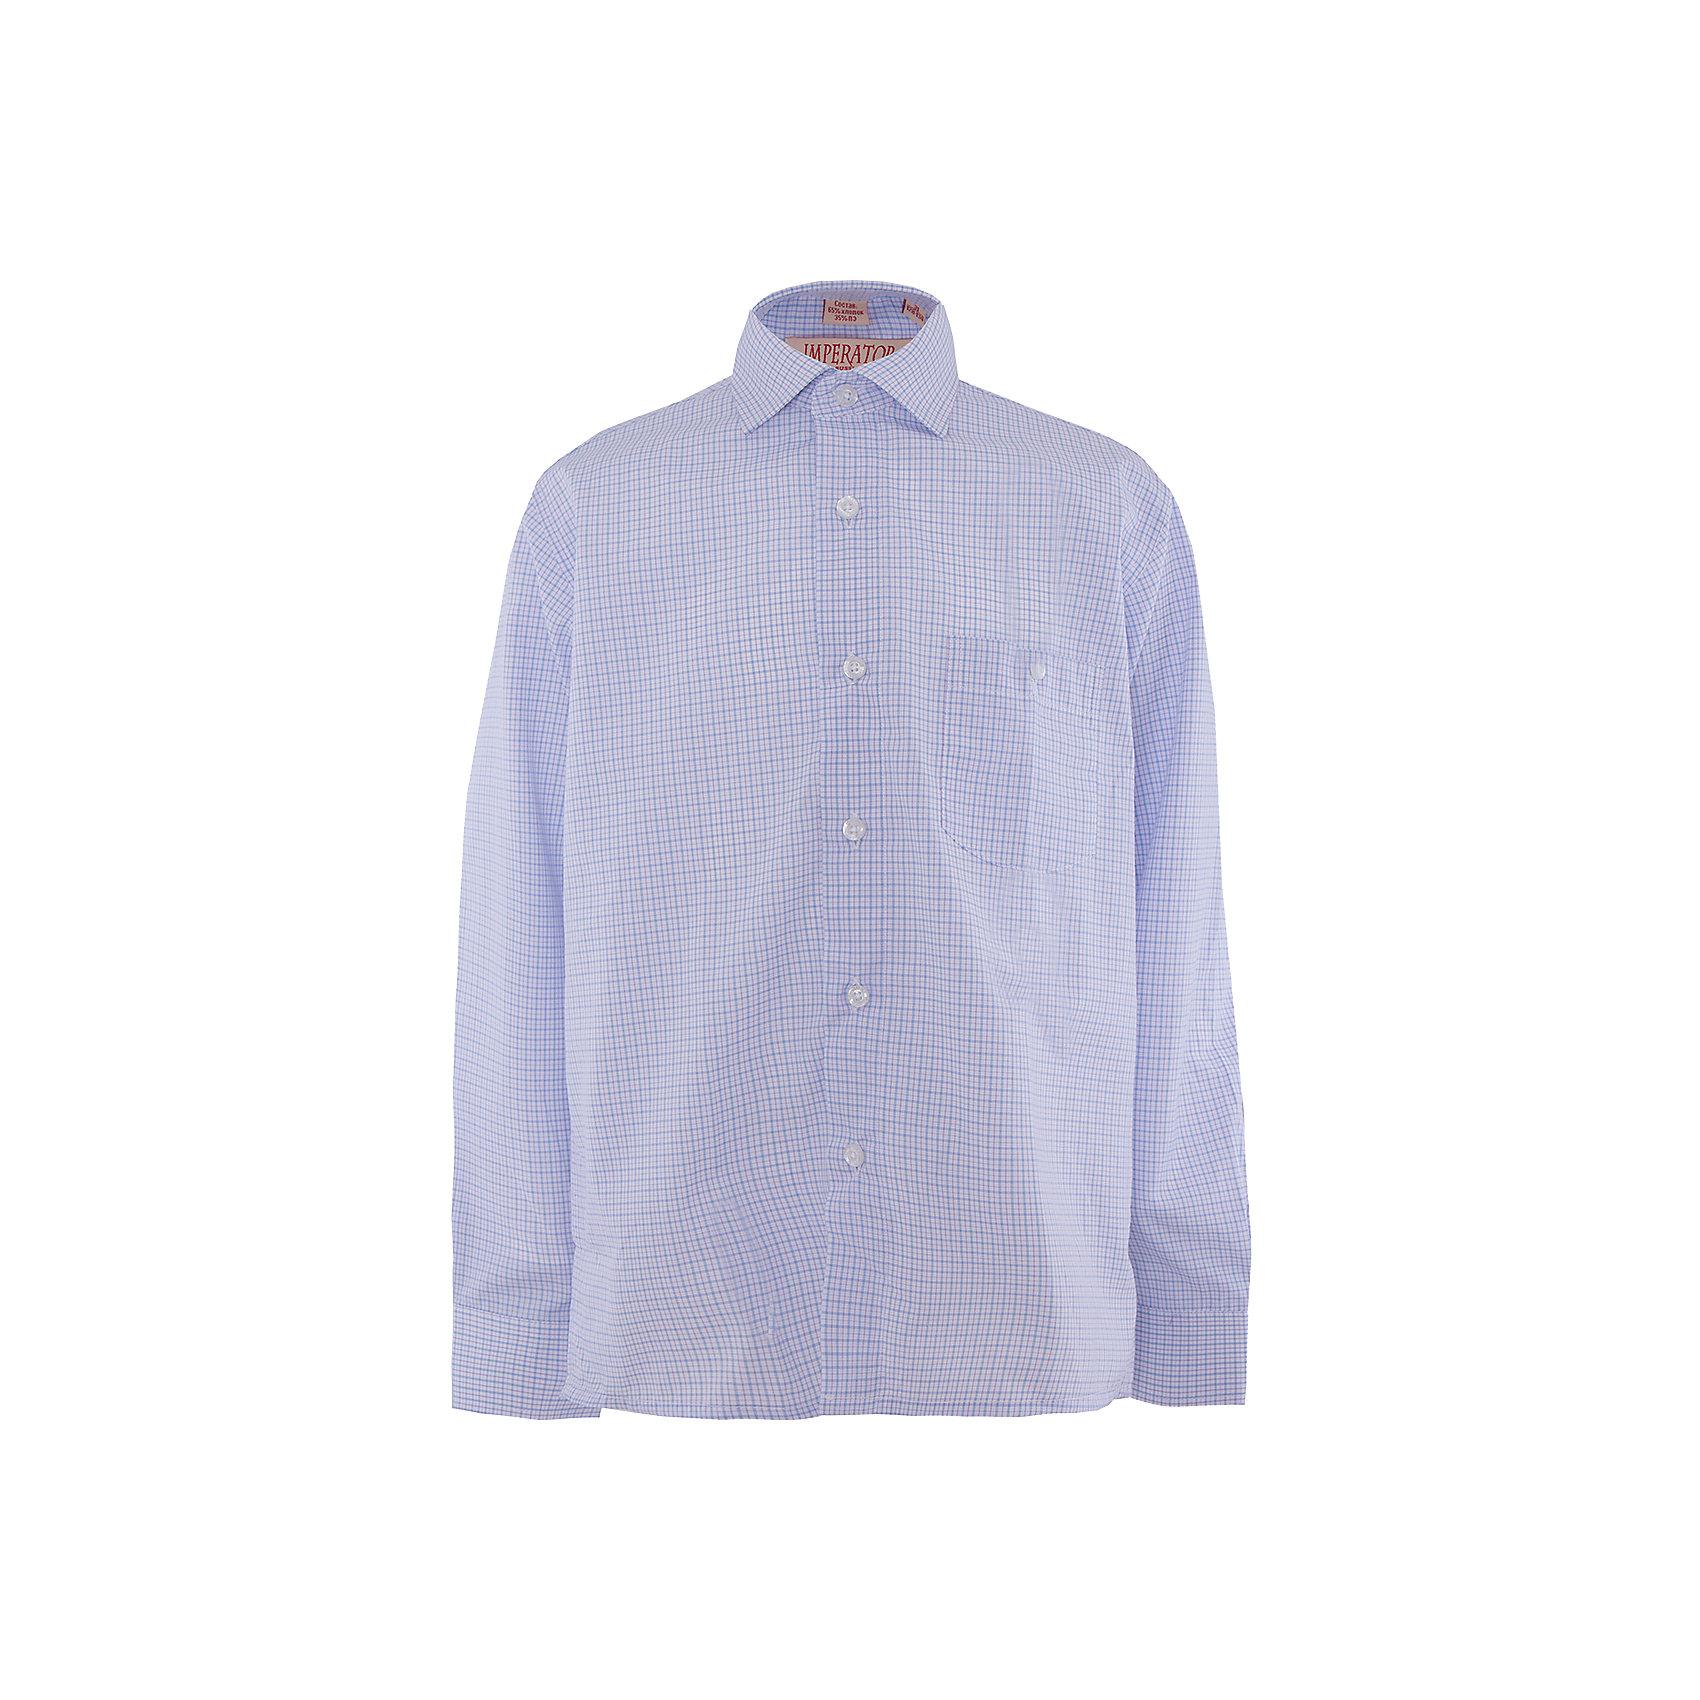 Рубашка для мальчика ImperatorБлузки и рубашки<br>Рубашка для мальчика от российской марки Imperator <br><br>Модная сиреневая рубашка отлично подойдет и для школьных будней и для праздничных мероприятий. Модель хорошо сидит, не стесняет движения. Материал - гипоаллергенный, дышащий и приятный на ощупь.<br><br>Особенности модели:<br><br>- материал - тонкий, с содержанием хлопка;<br>- цвет - сиреневый;<br>- карман на груди;<br>- длинный рукав;<br>- застежки-пуговицы;<br>- отложной воротник и манжеты;<br>- пуговицы на манжетах.<br><br>Дополнительная информация:<br><br>Состав: 65% хлопок, 35% полиэстер<br><br>Габариты:<br><br>длина рукава - 57 см;<br>длина по спинке - 68 см.<br><br>* соответствует размеру 35/158-164<br><br>Уход за изделием:<br><br>стирка в машине при температуре до 40°С,<br>не отбеливать,<br>гладить на средней температуре.<br><br>Рубашку для мальчика от российской марки Imperator (Император) можно купить в нашем магазине.<br><br>Ширина мм: 174<br>Глубина мм: 10<br>Высота мм: 169<br>Вес г: 157<br>Цвет: фиолетовый<br>Возраст от месяцев: 120<br>Возраст до месяцев: 132<br>Пол: Мужской<br>Возраст: Детский<br>Размер: 140/146,158/164,164/170,152/158,146/152,134/140,128/134,122/128<br>SKU: 4295956